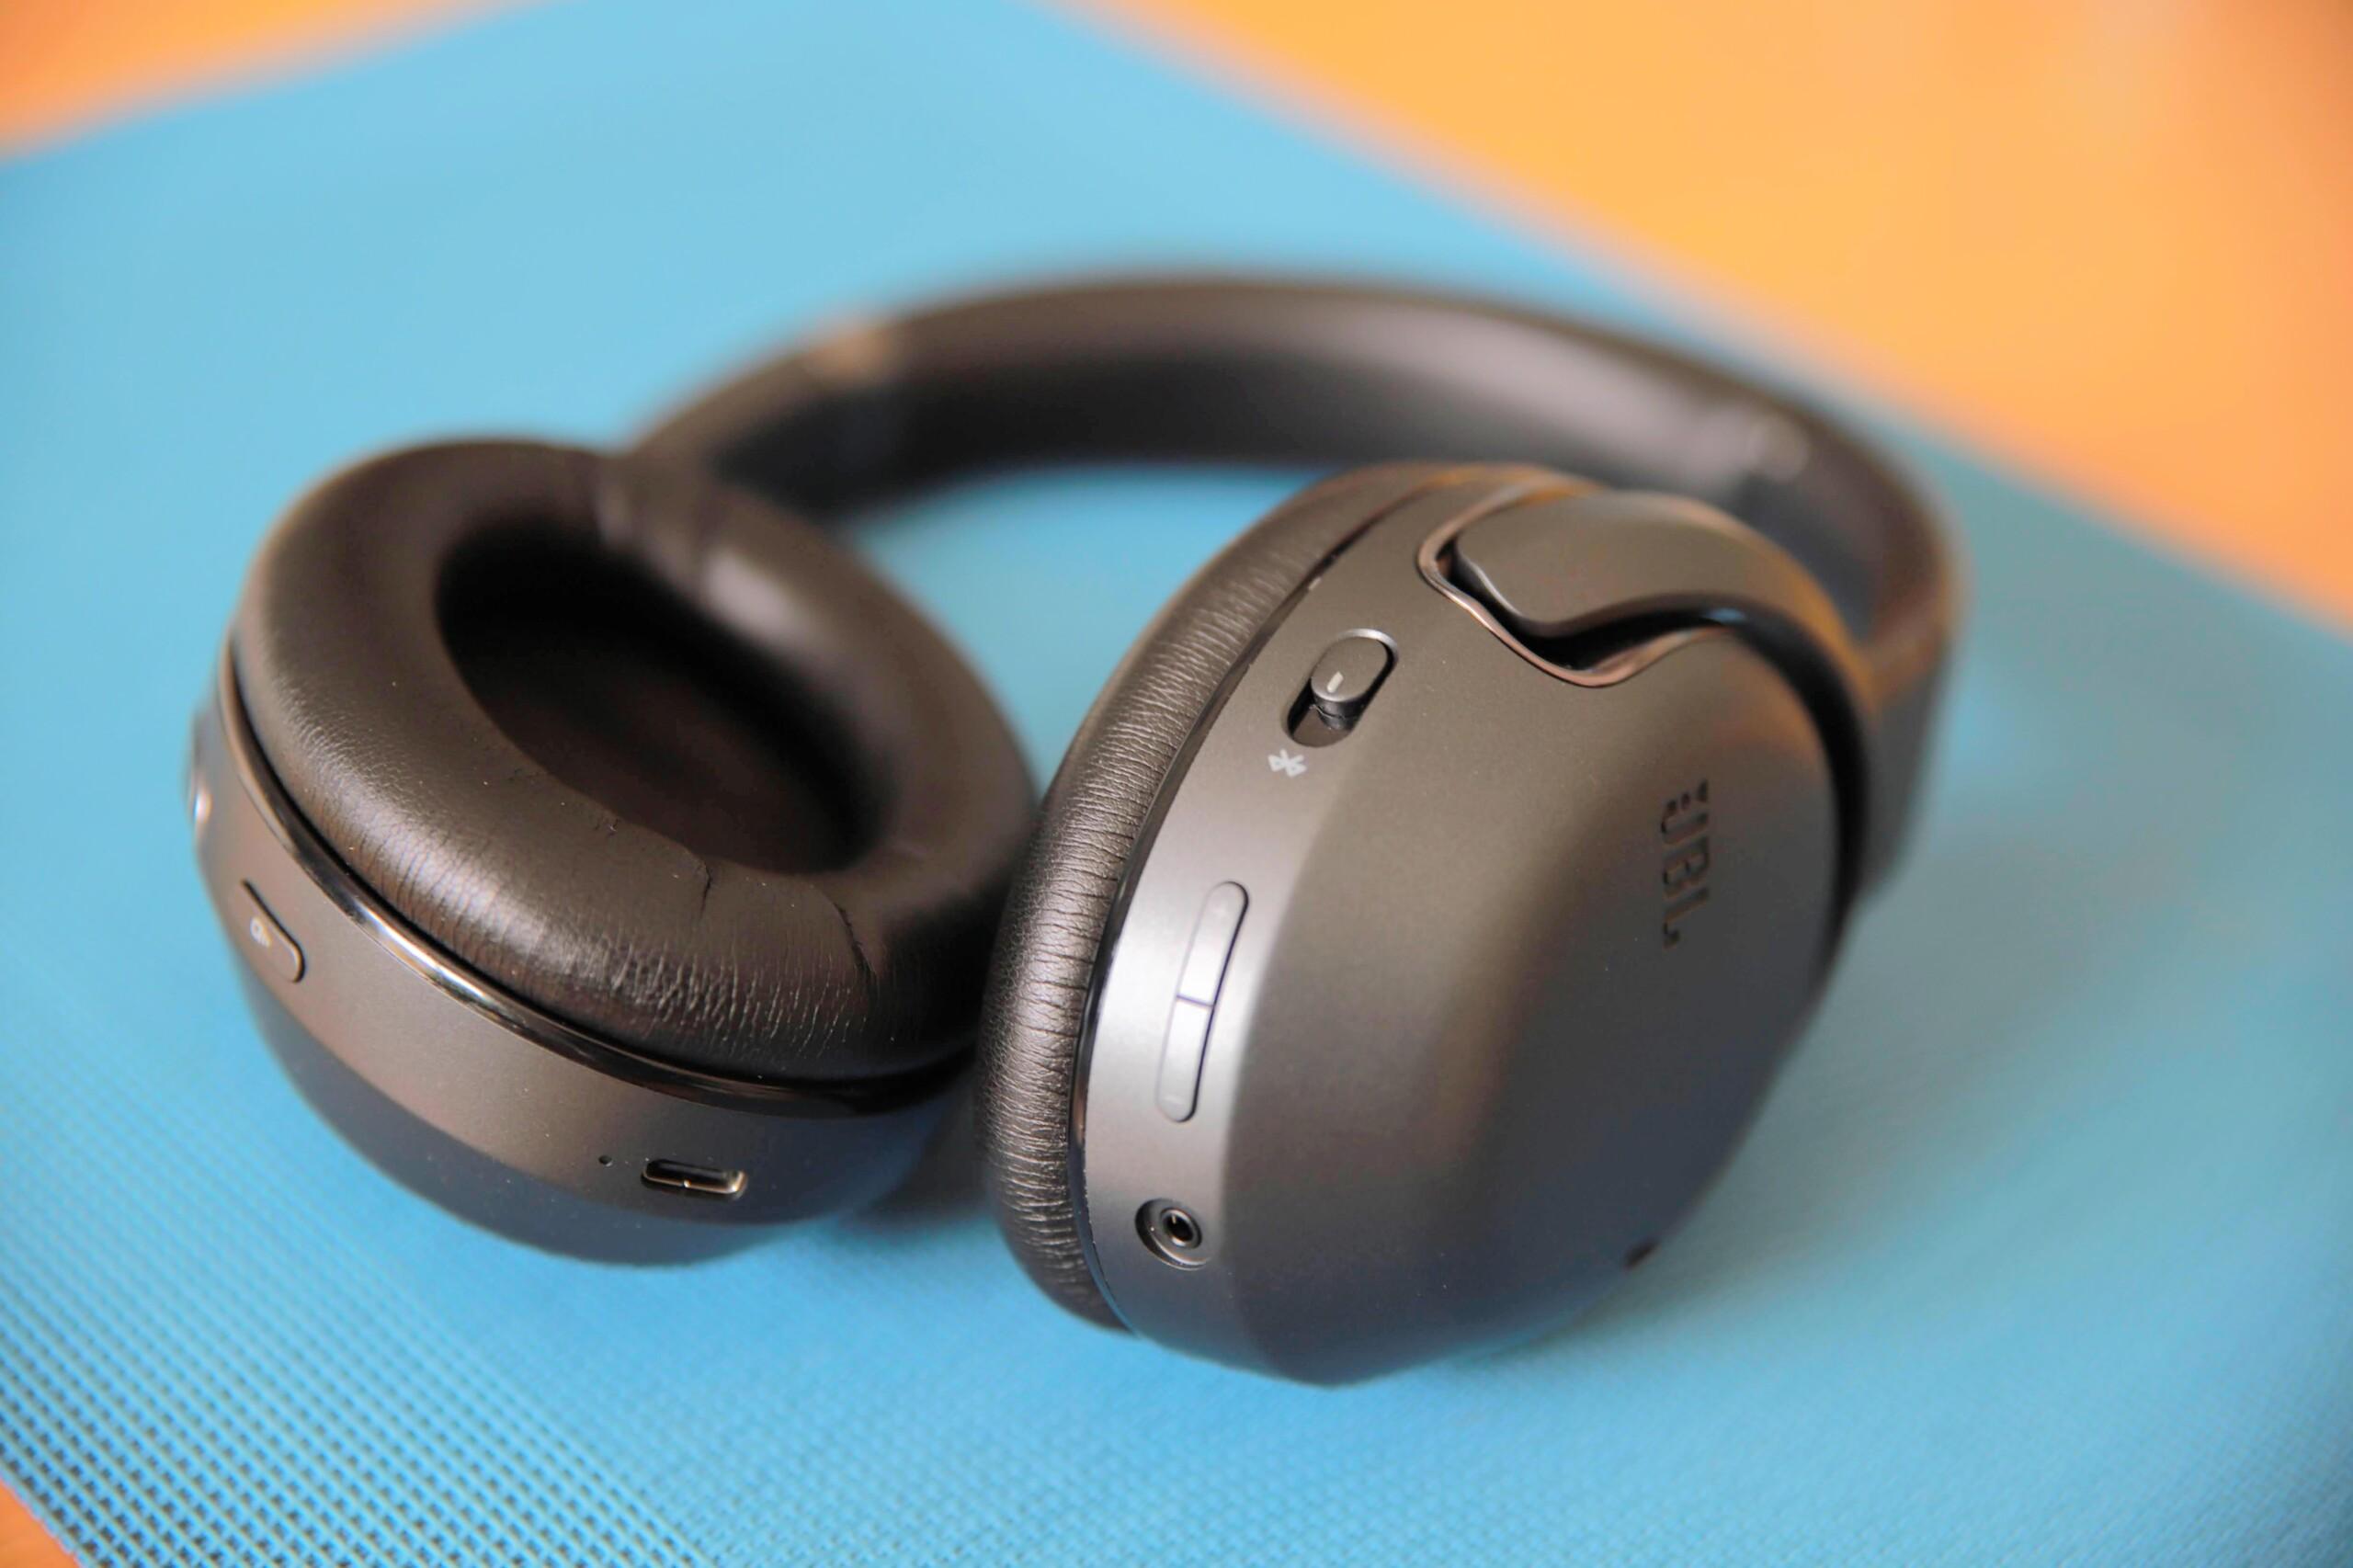 Test du JBL Tour One : le casque Bluetooth premium selon JBL